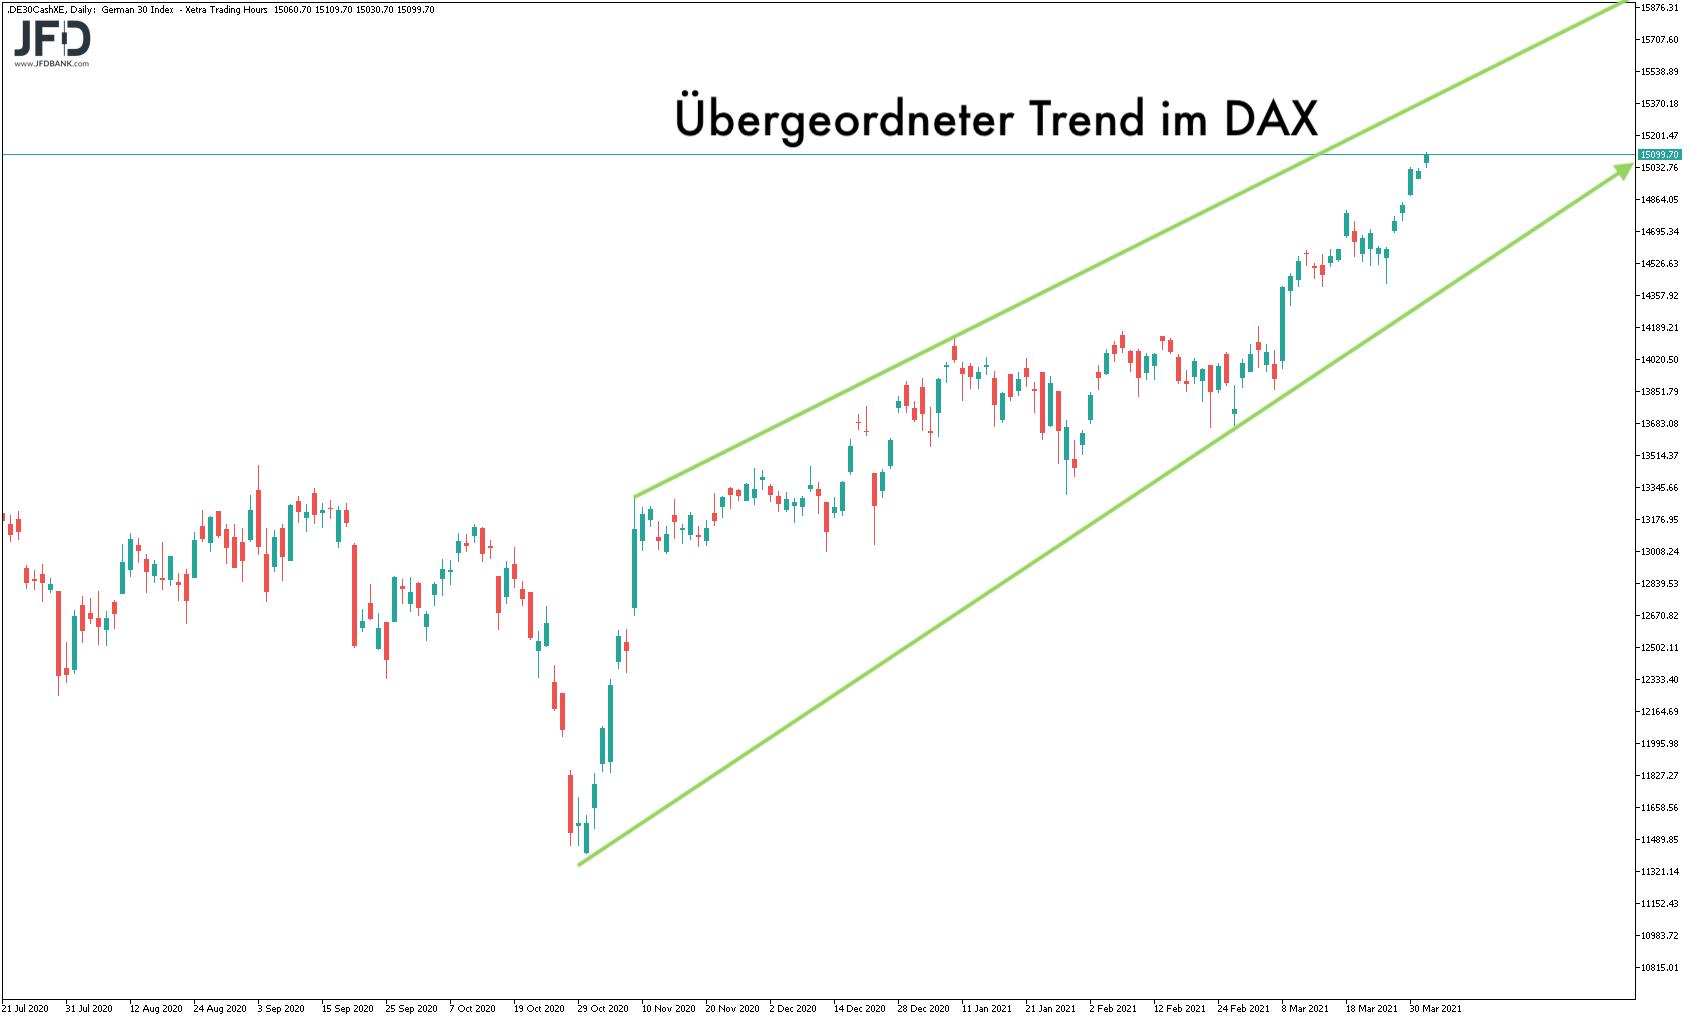 Vorbereitung-auf-das-Nach-Osterfest-im-DAX-Kommentar-JFD-Bank-GodmodeTrader.de-8